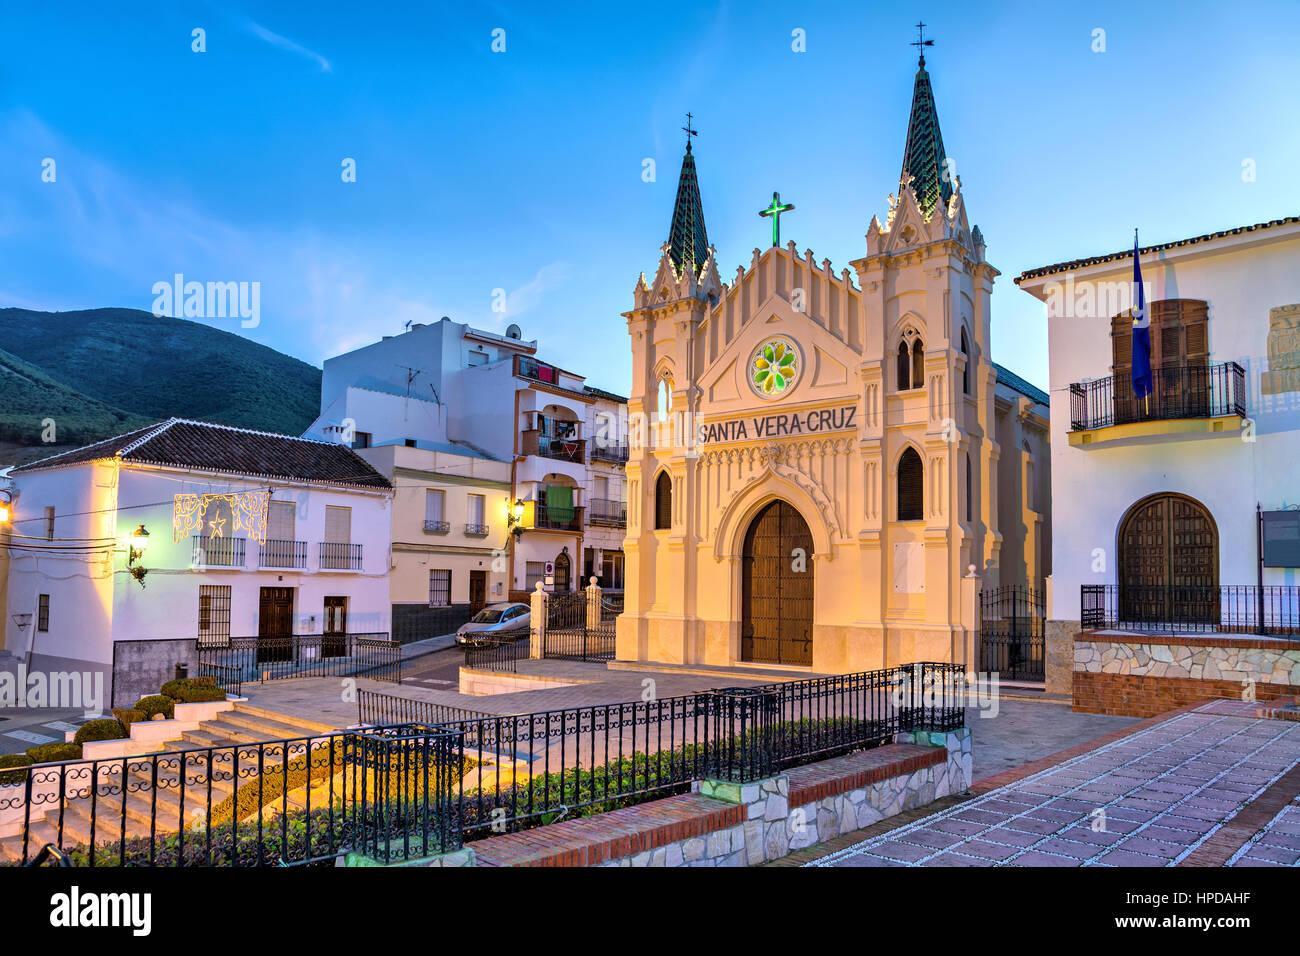 Iglesia de Santa Vera Cruz en la noche en Alhaurin el Grande, provincia de Málaga, Andalucía, España Imagen De Stock